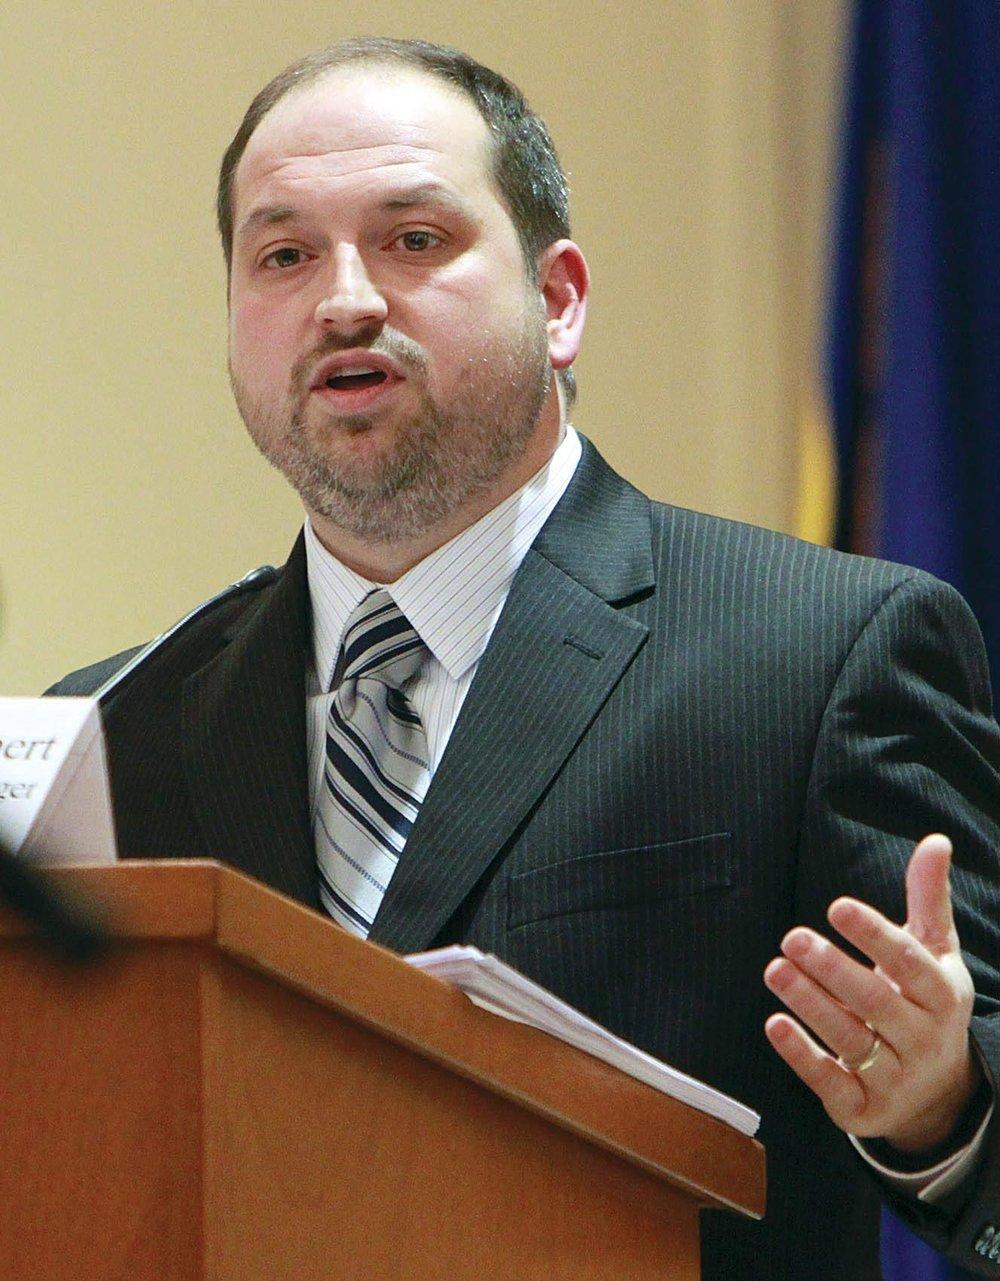 Town Manager Michael Herbert